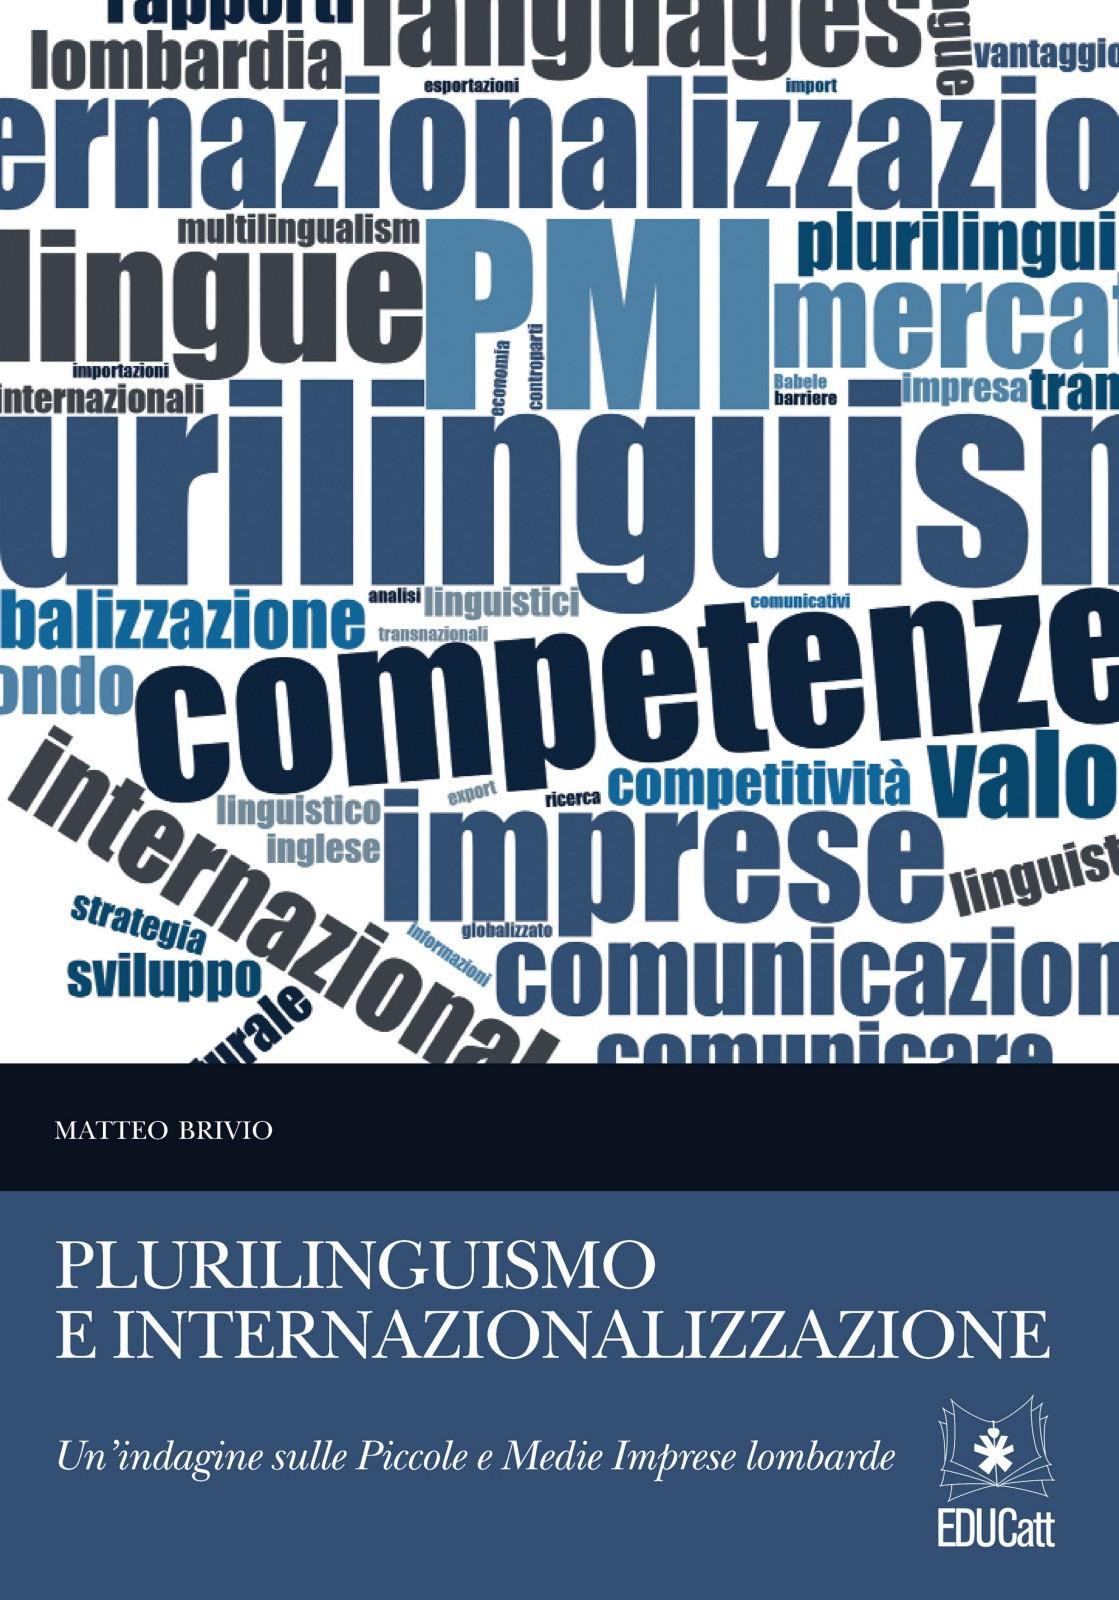 PLURILINGUISMO E INTERNAZIONALIZZAZIONE